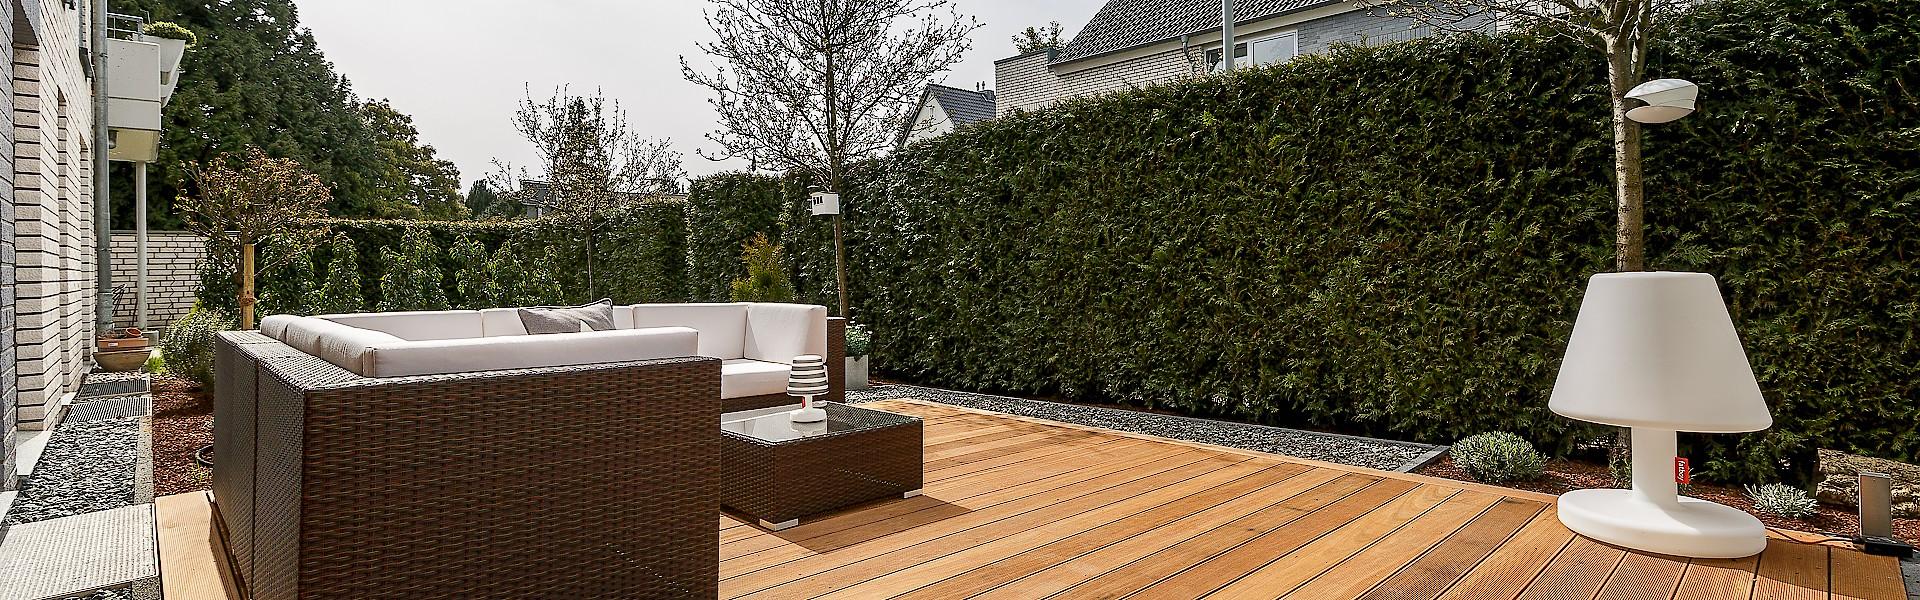 gartenbau i landschaftsbau i gartenpflege i gartengestaltung. Black Bedroom Furniture Sets. Home Design Ideas